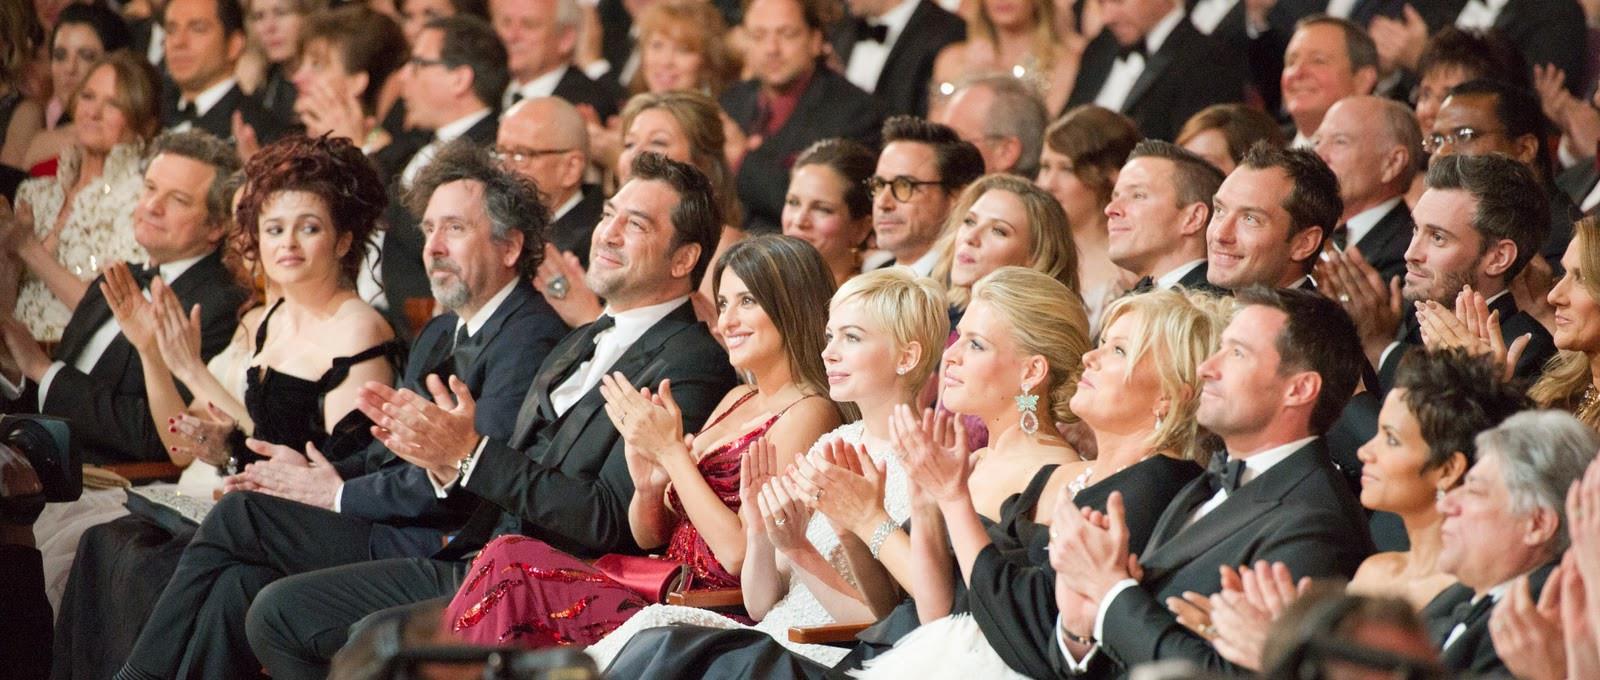 Prominente Zuschauer der Oscarverleihung 2015